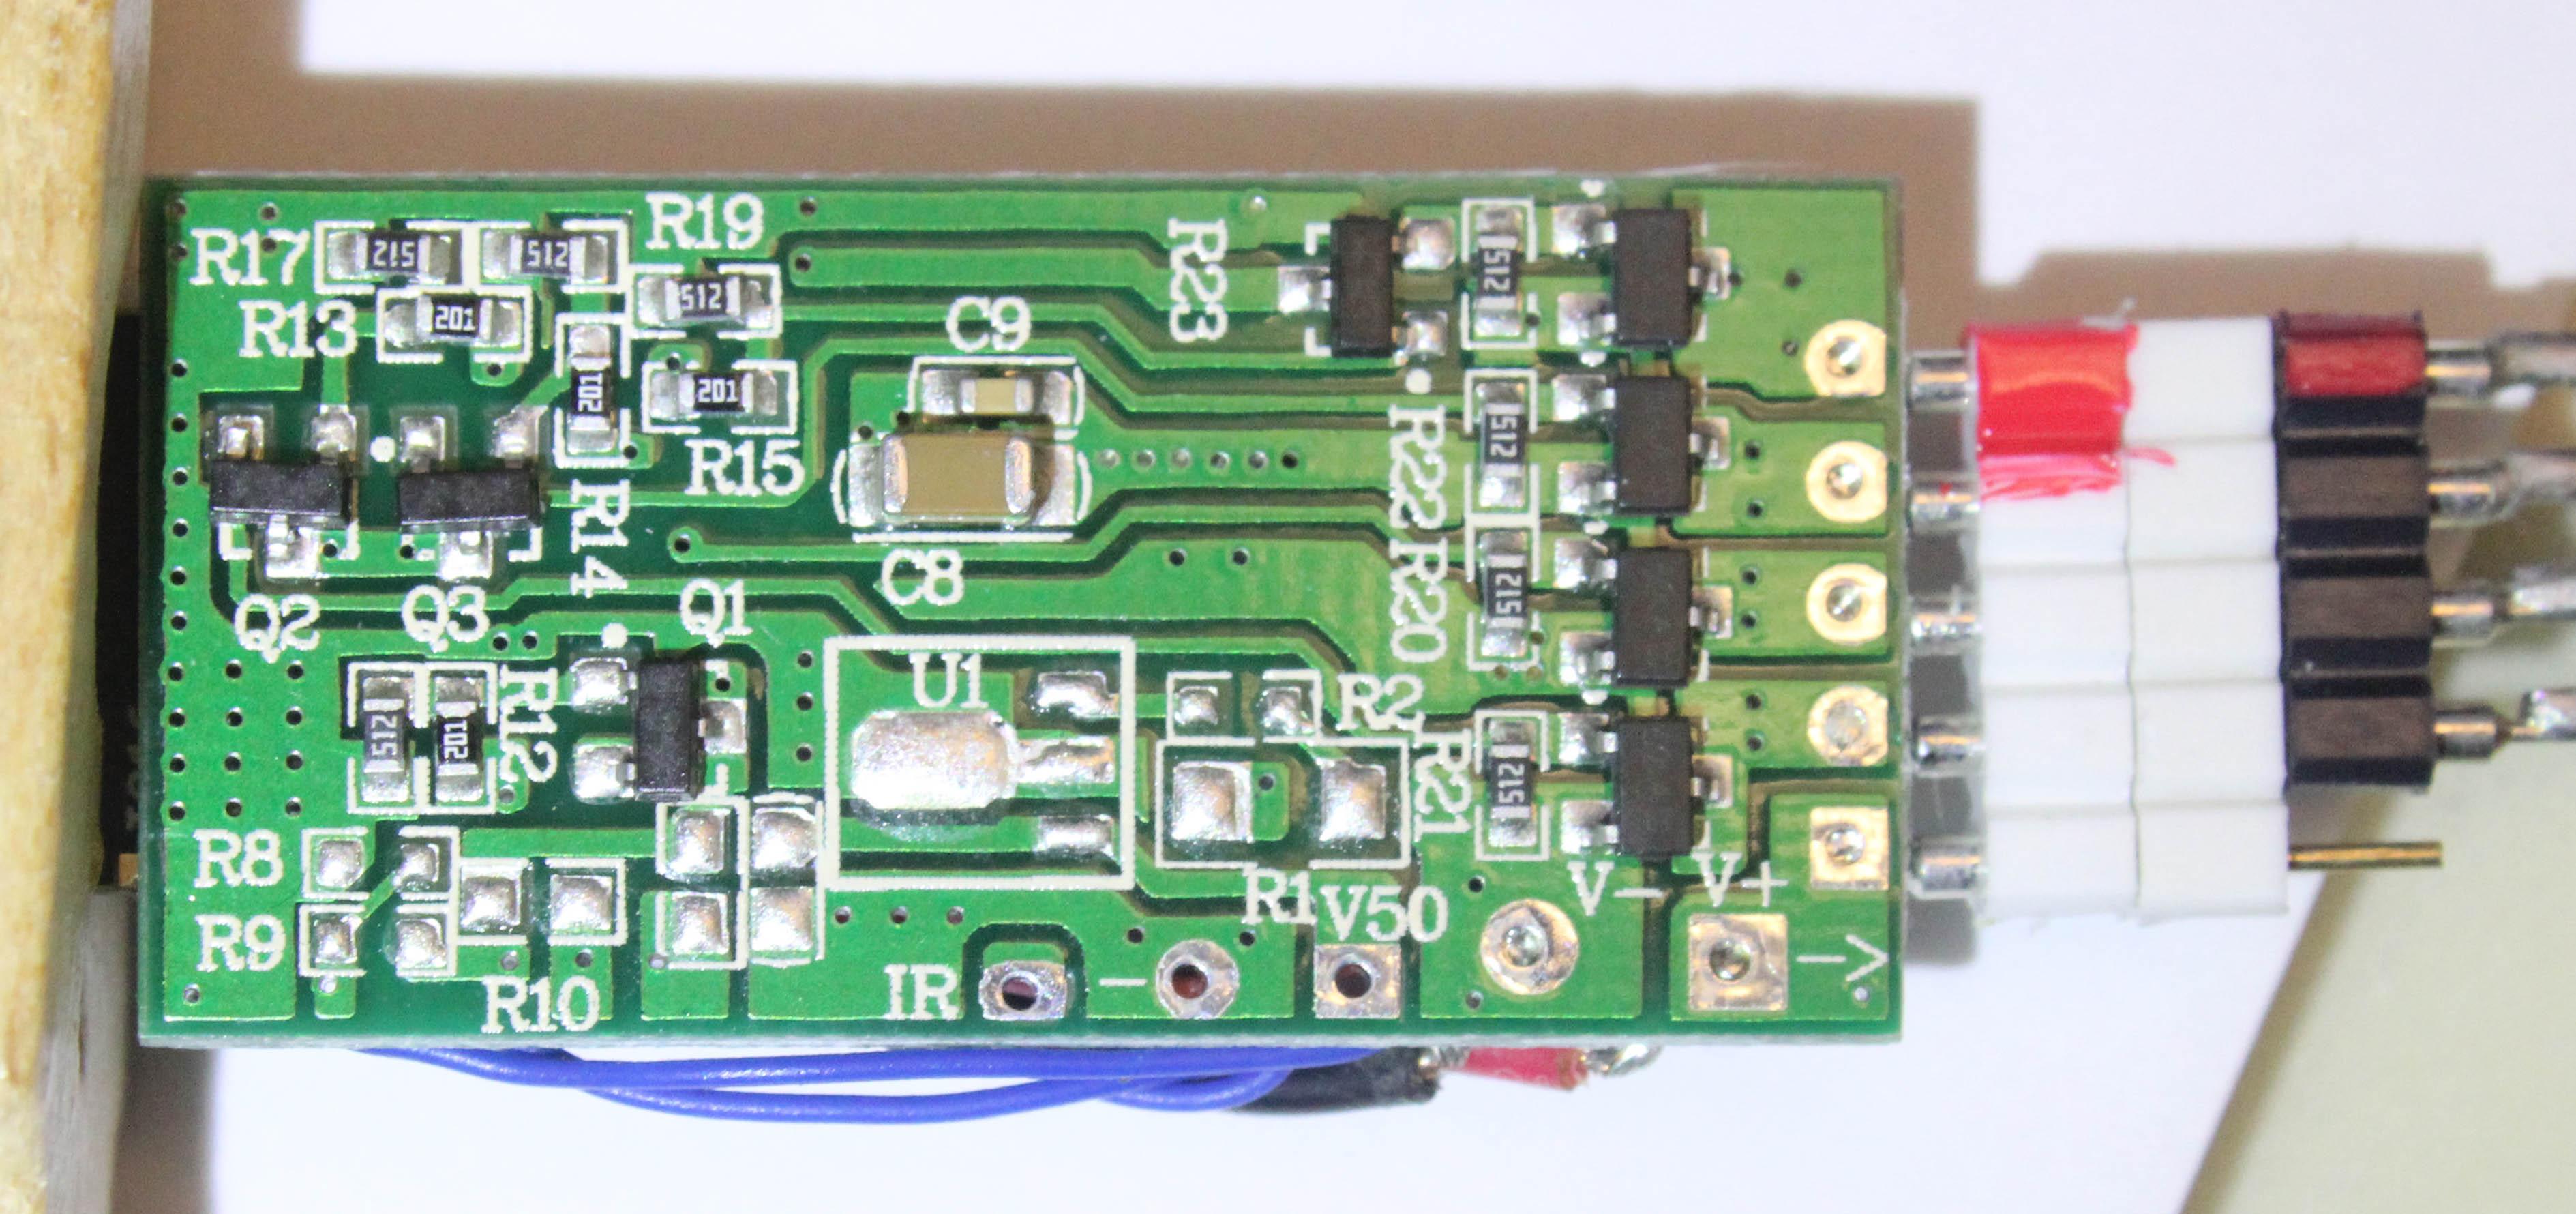 MagicHome LED (ESP-IR-B-v2 3 / ESP8285MOD ESP-M2) not working with